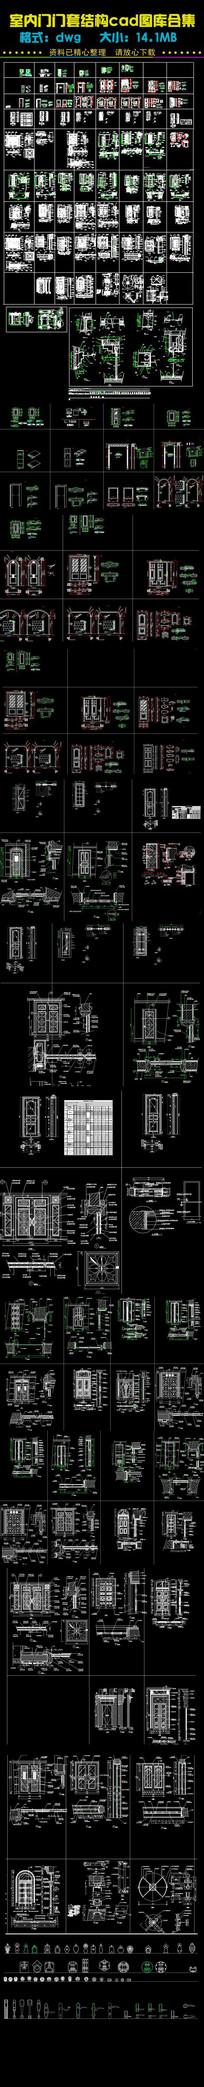 室内木门门套结构cad图合集